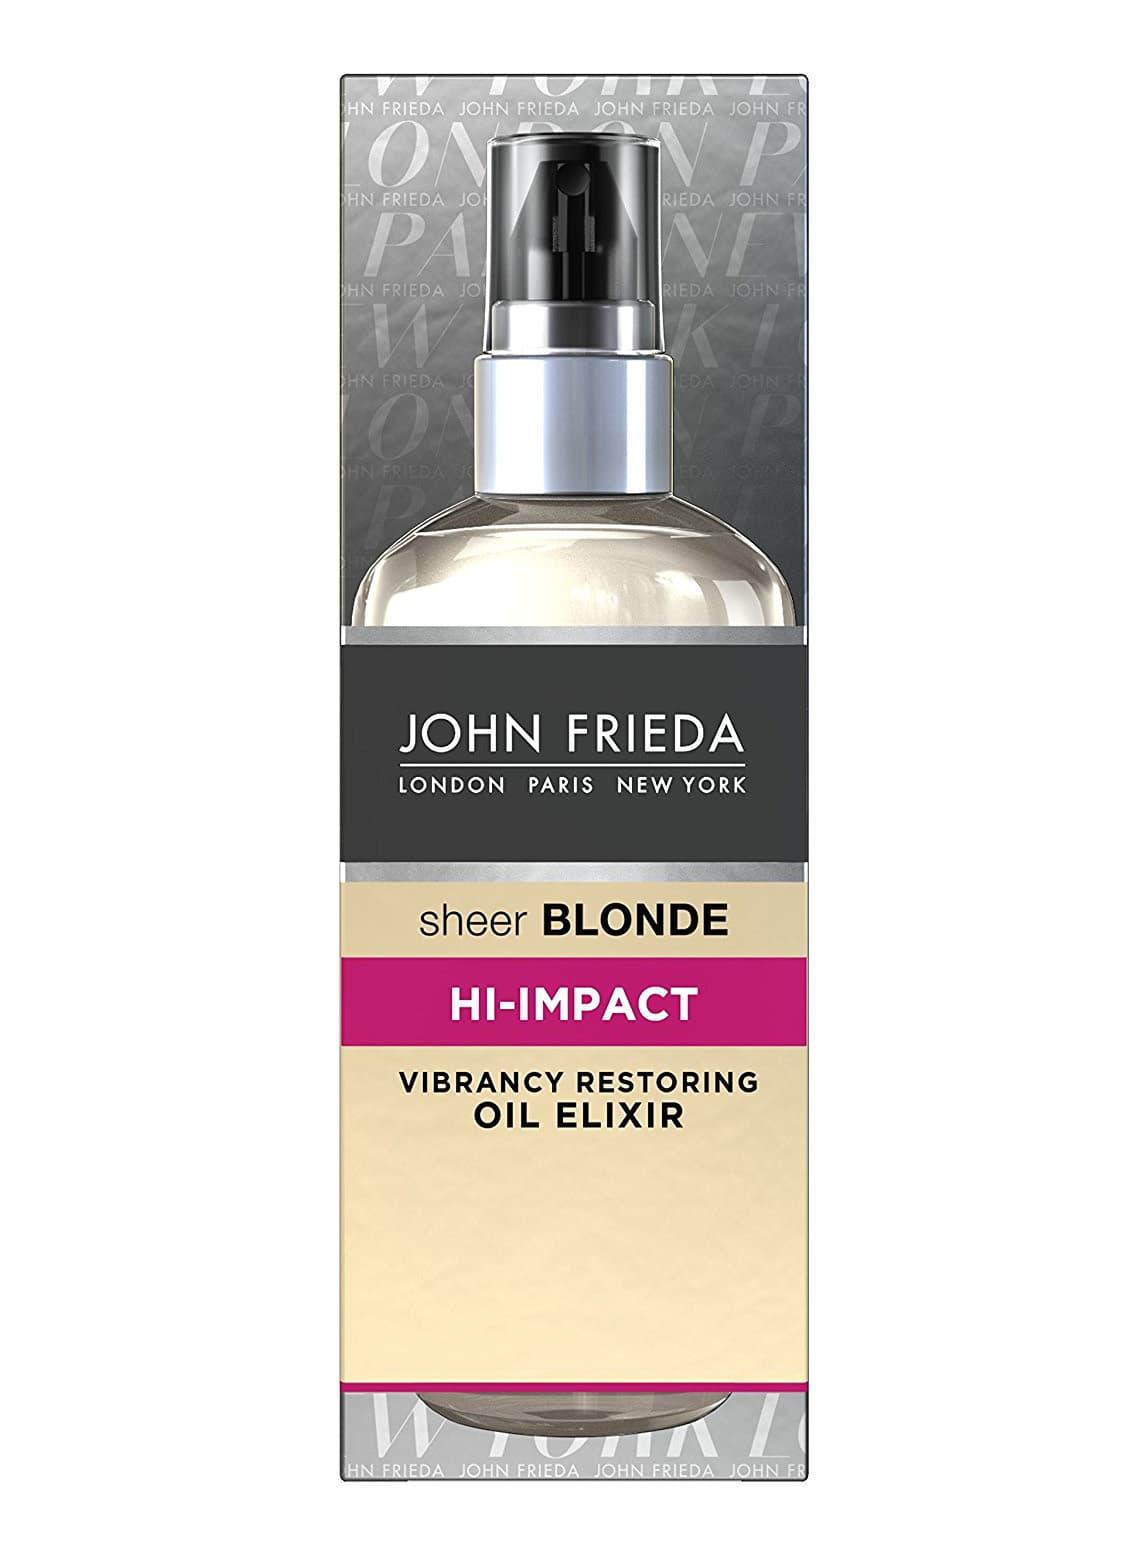 John Frieda Sheer Blonde Hi-Impact Масло-Эликсир Для Восстановления Сильно Поврежденных Волос